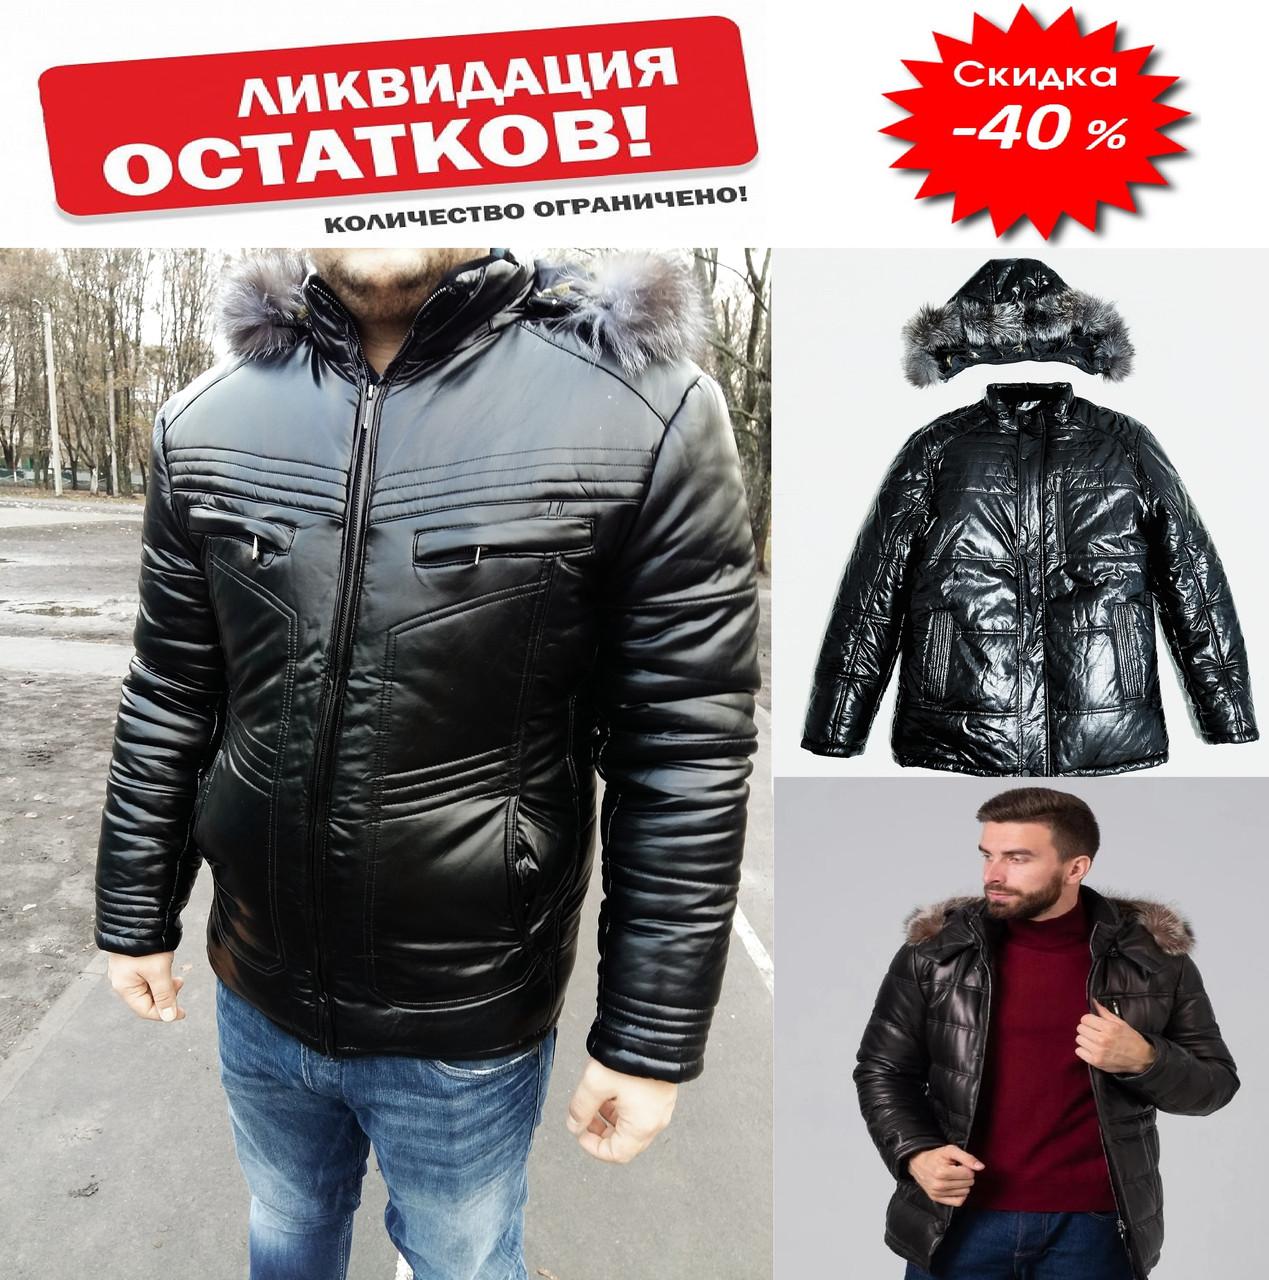 Мужской кожаный пуховик с мехом енота. Зимняя мужская куртка с мехом - аляска.